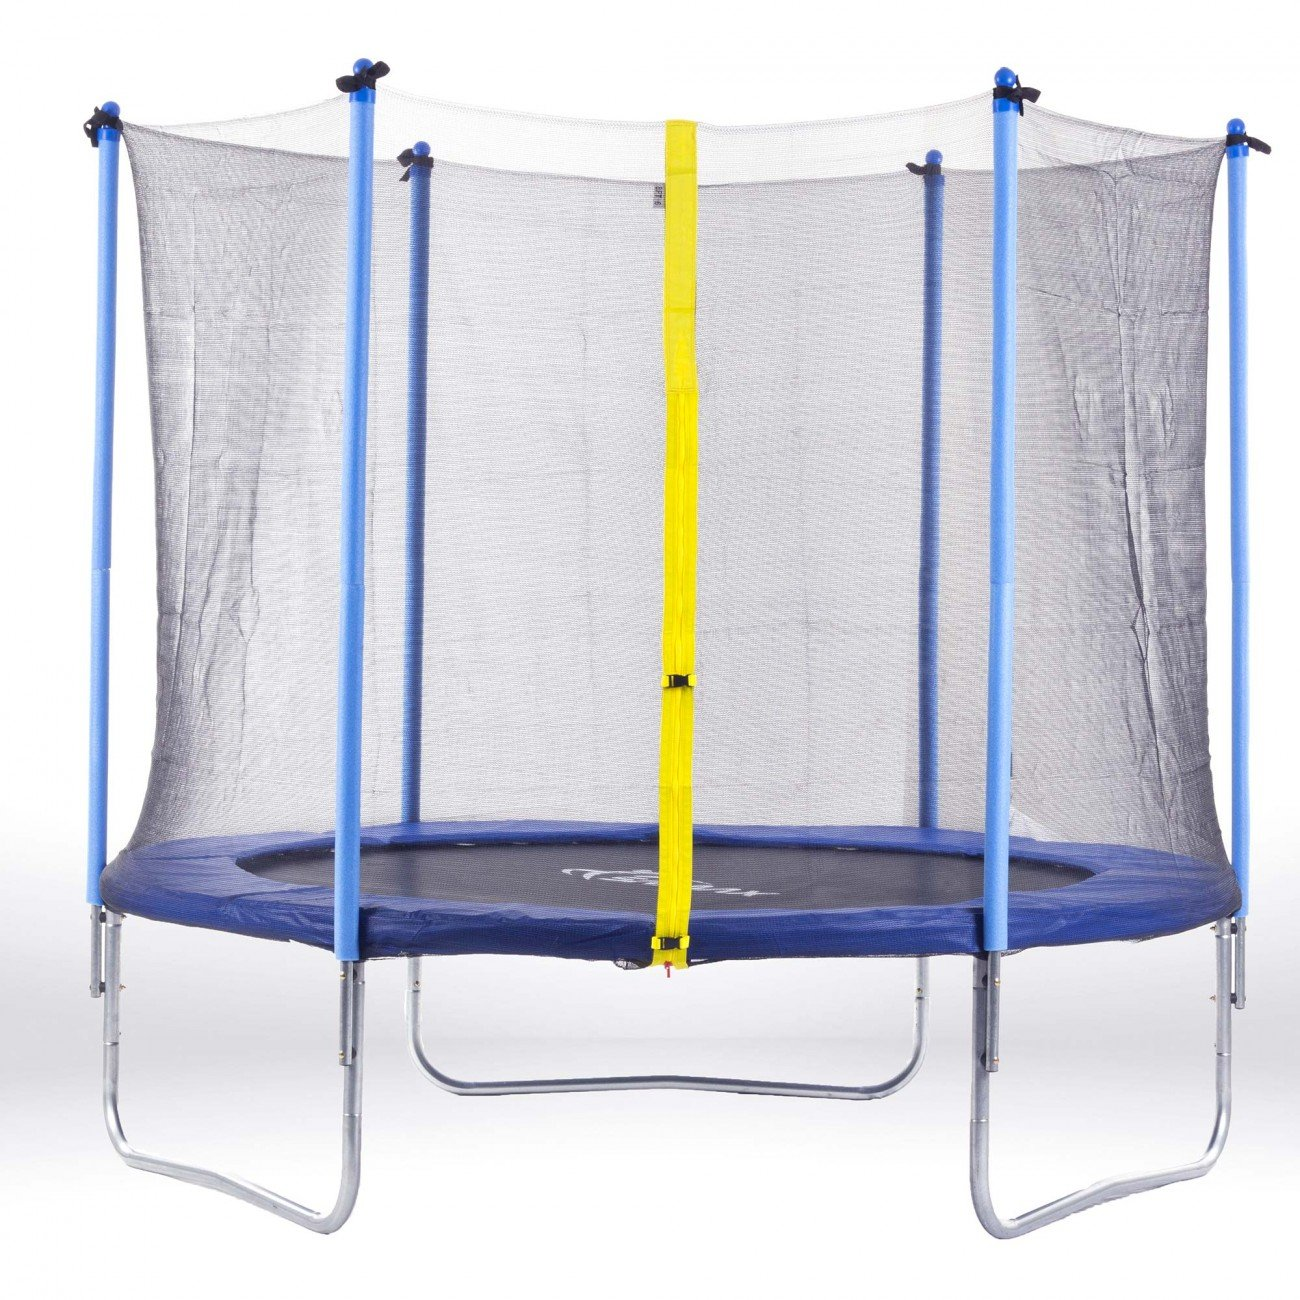 SAMAX Trampolin Gartentrampolin 2,50m (8 ft) Sicherheitsnetz blau online bestellen